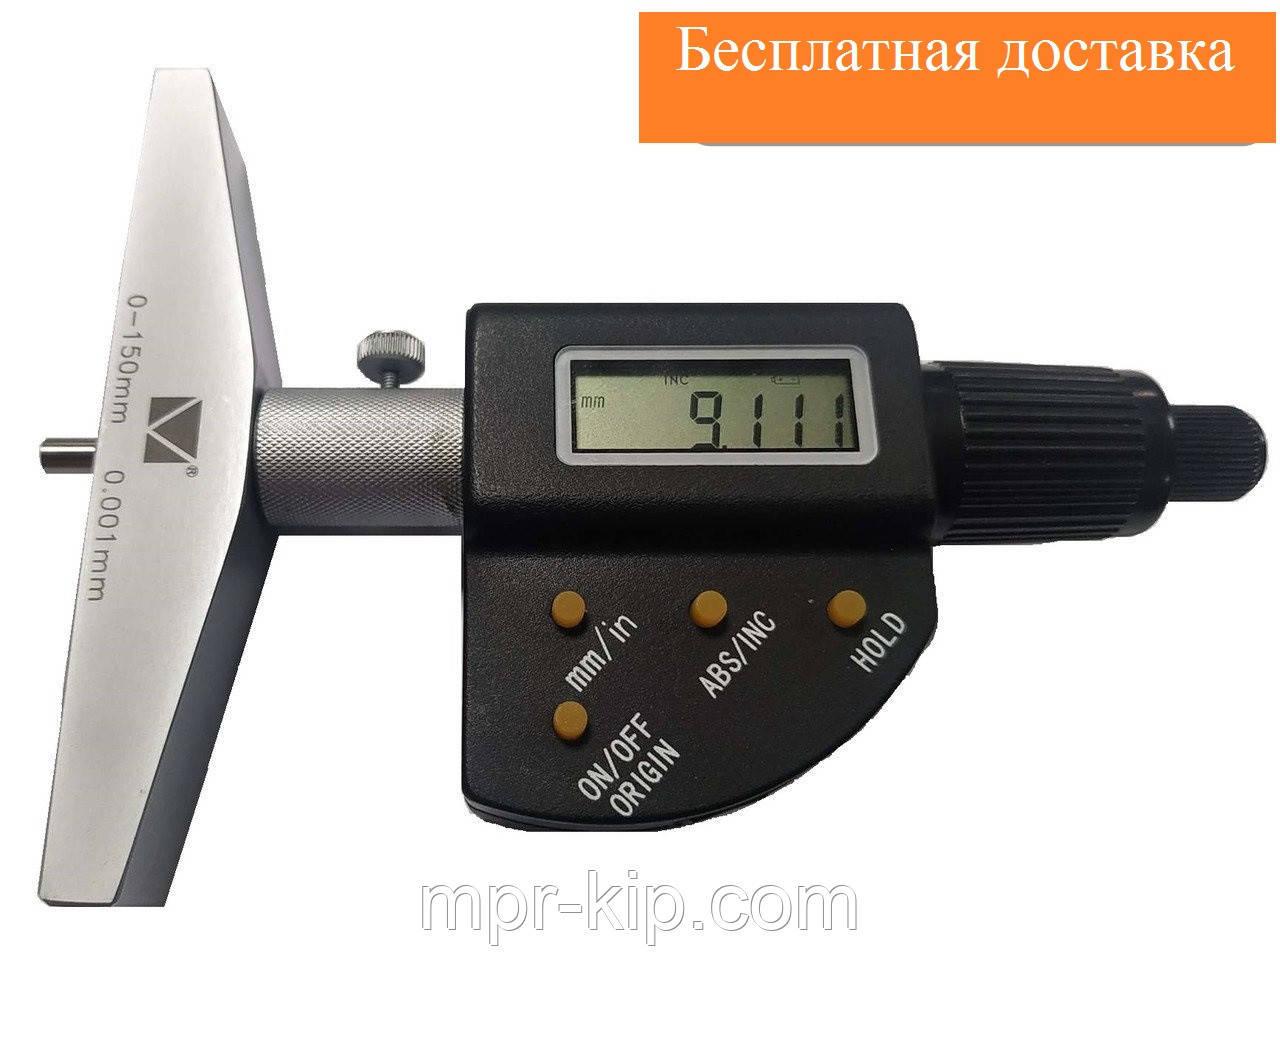 Глубиномер микрометрический цифровой ГМЦ-300 (0-300 мм; 0,001 мм; ±0,008 мм) Микротех